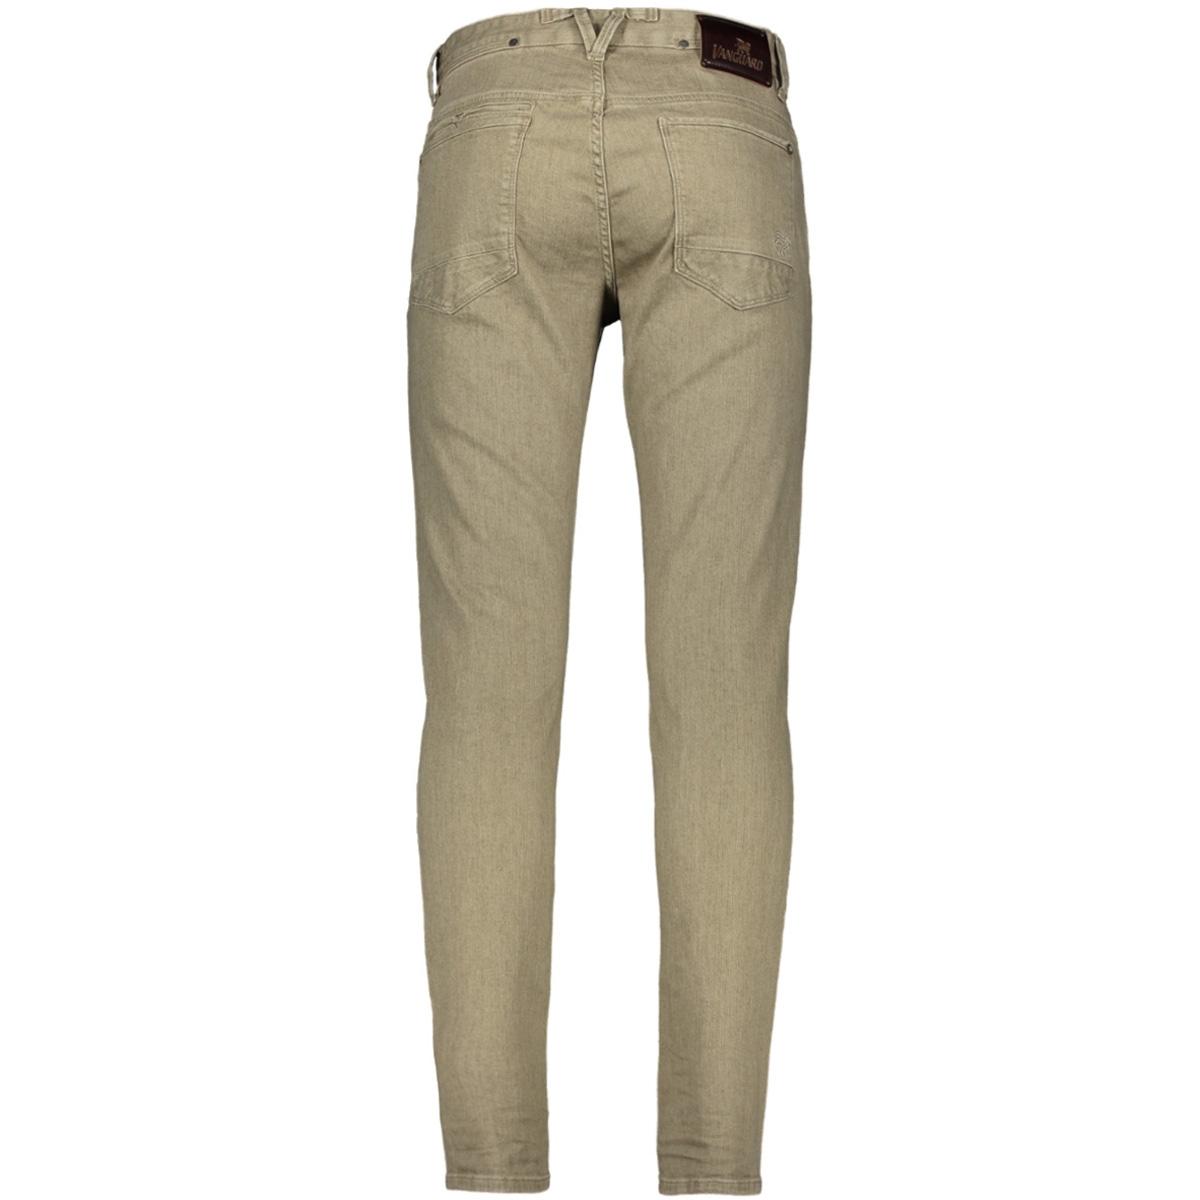 v850 rider vtr195101 vanguard jeans 7717